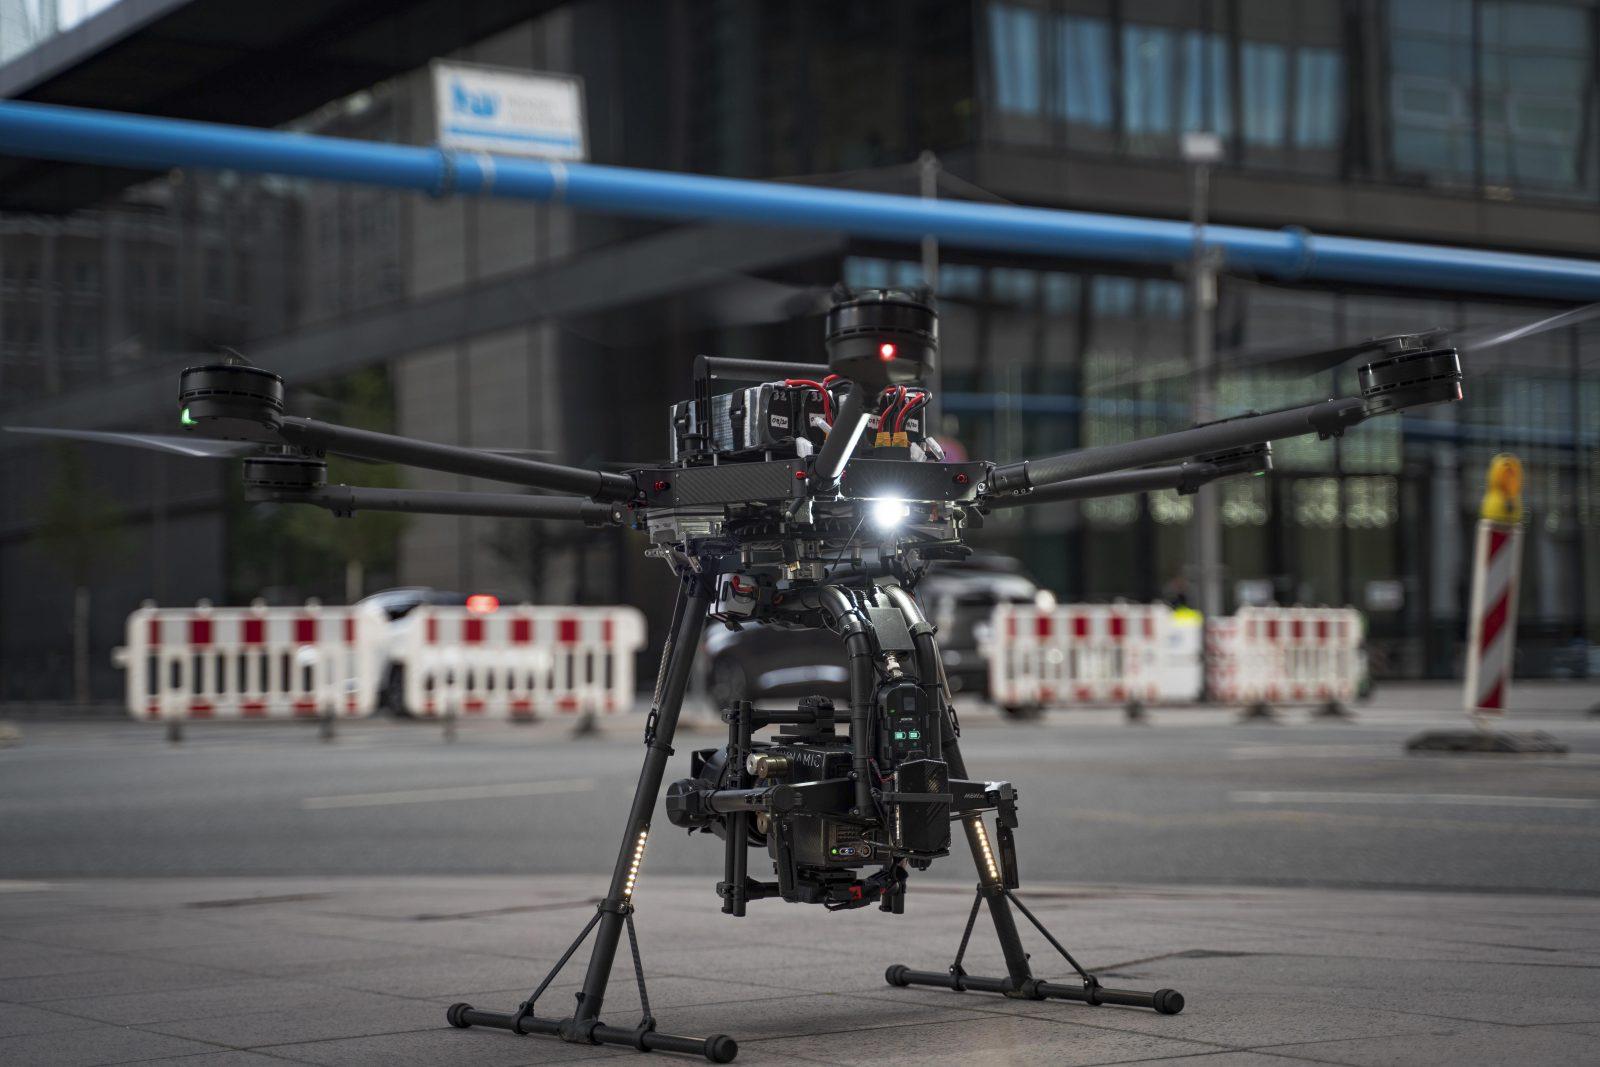 Drohne Frankfurt von SKYNAMIC Porter AltaX Hexacopter